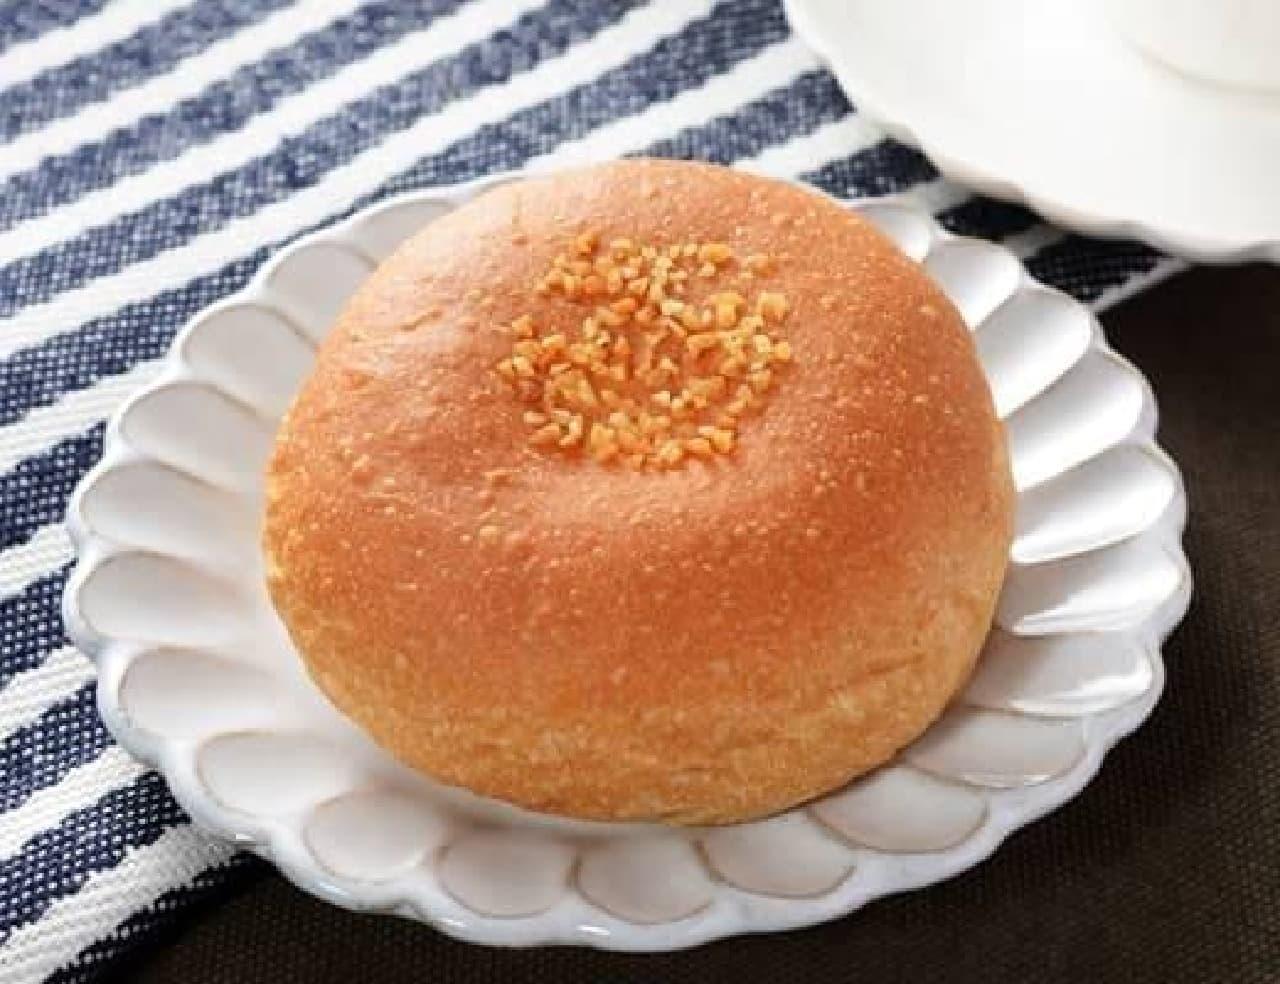 ローソン「NL ブランのダブルクリームパン」